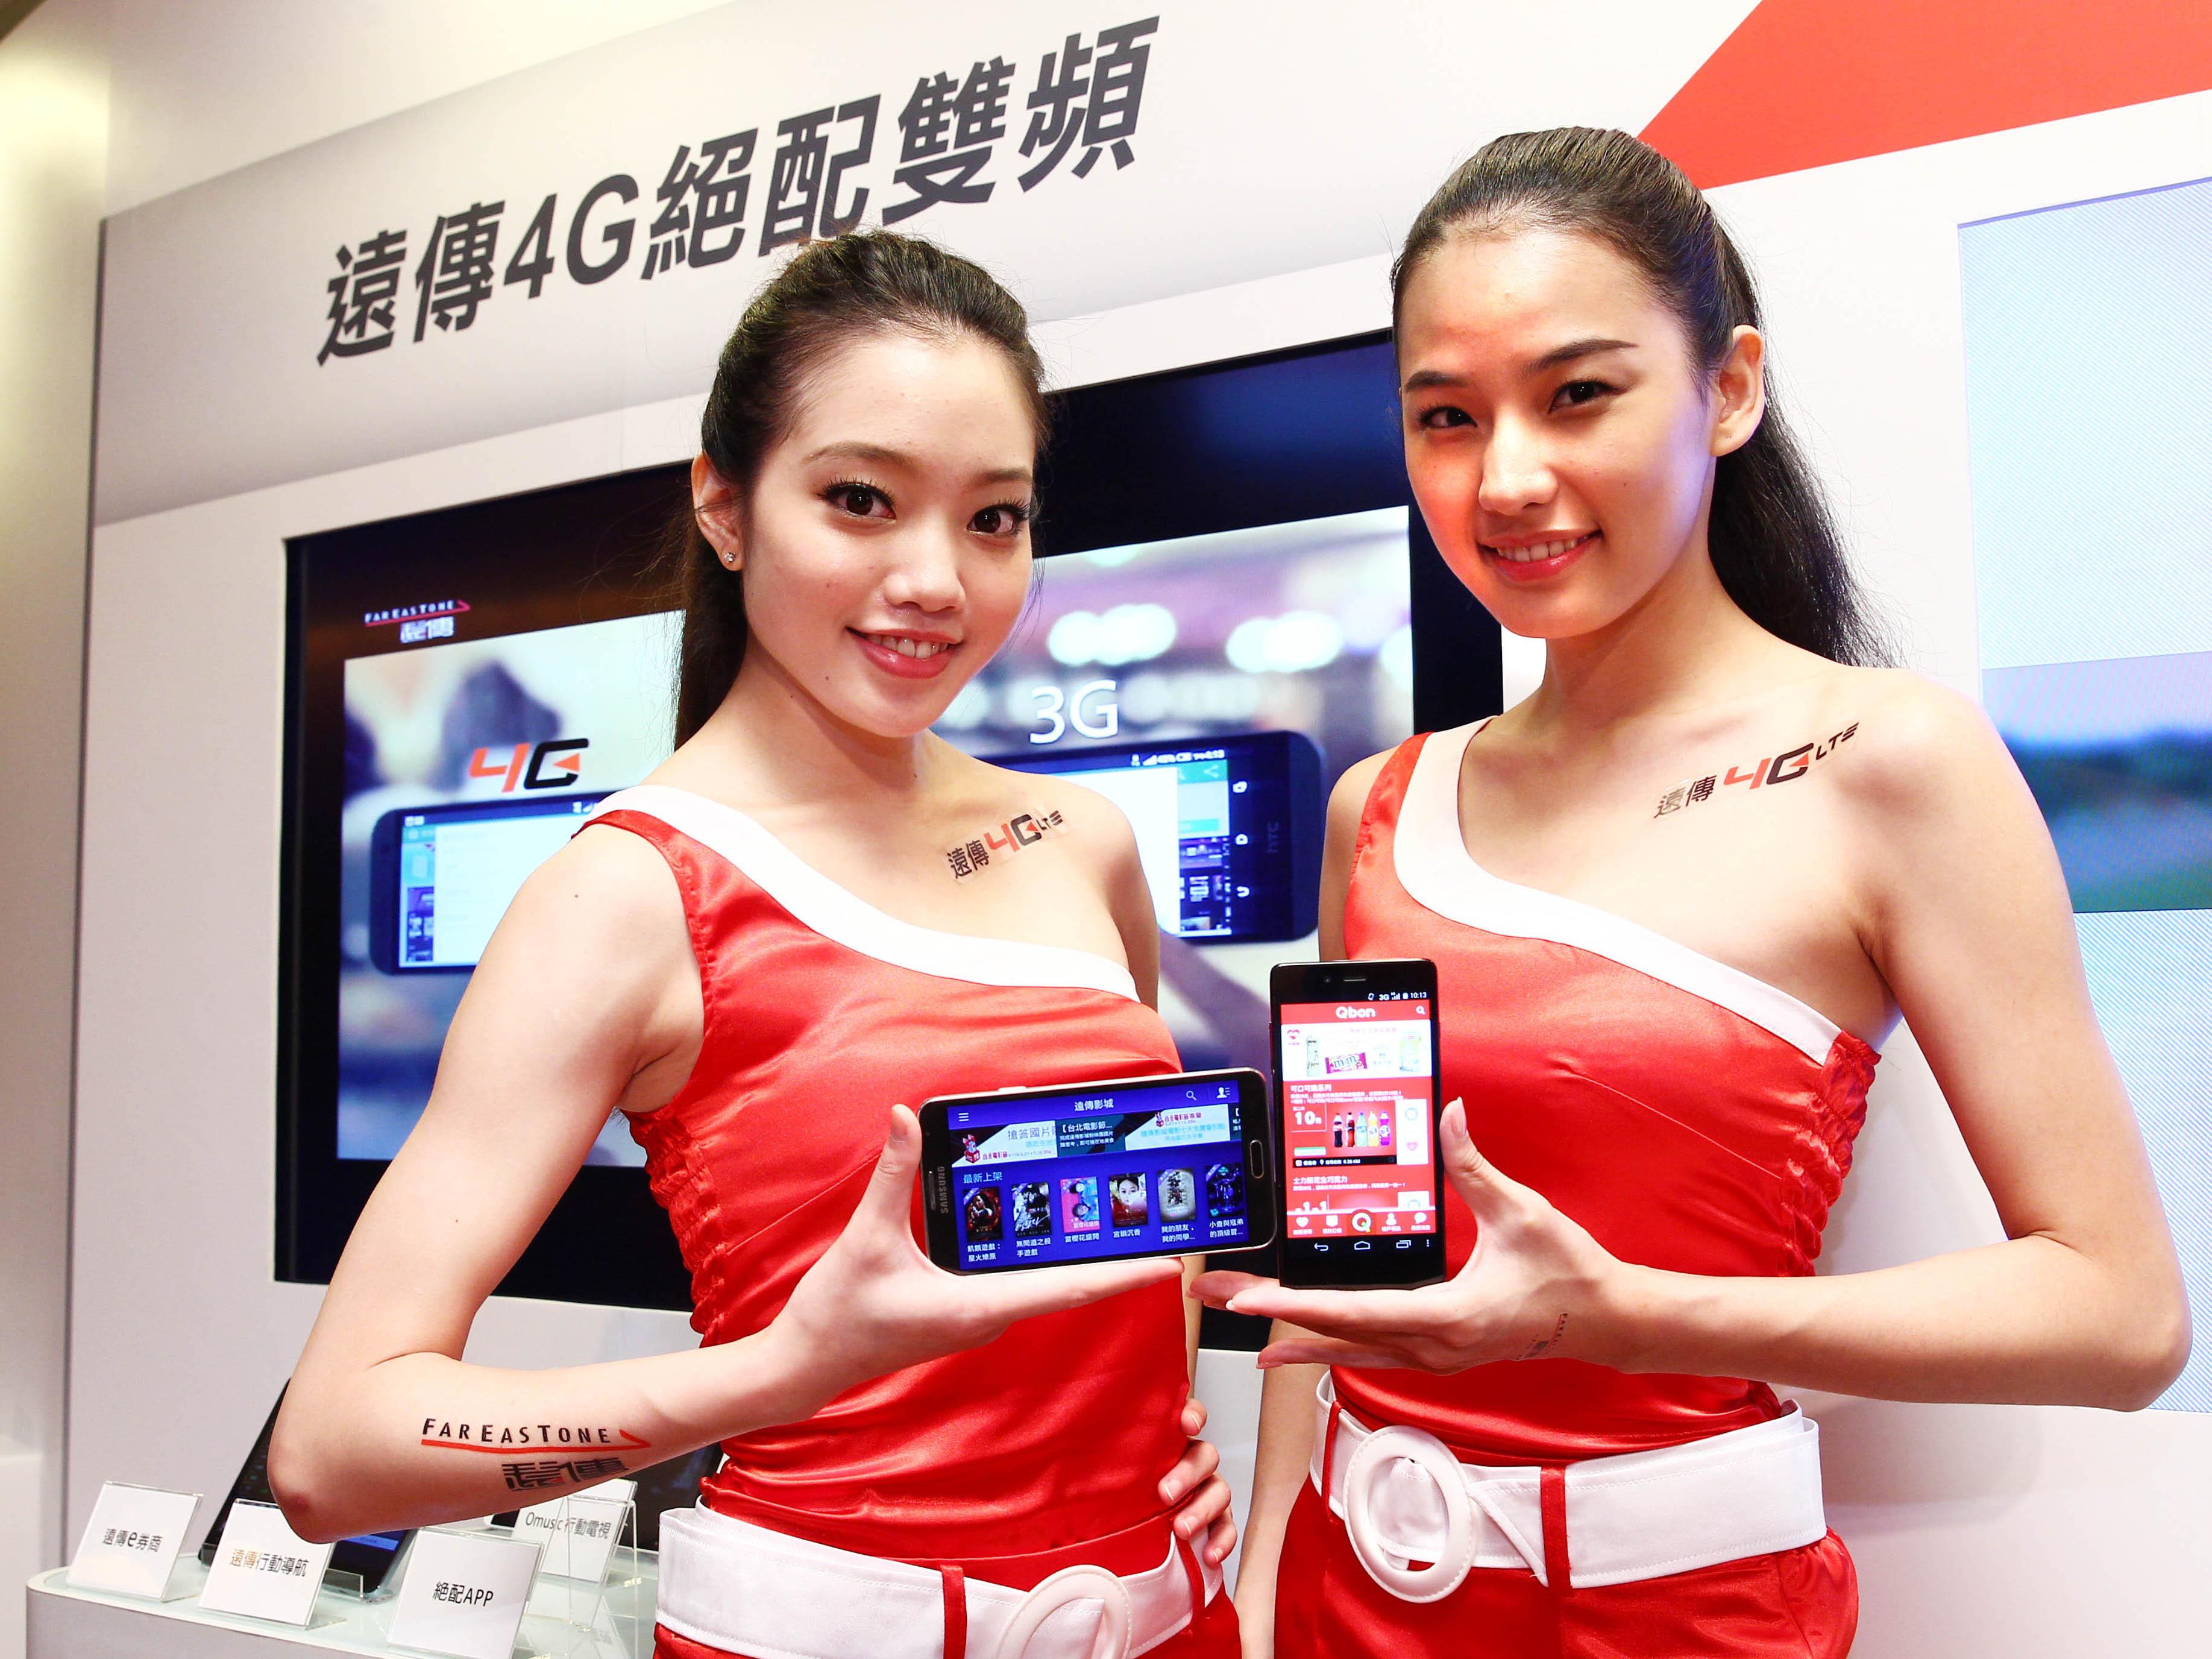 新一波 4G 優惠戰開打 中華電信推吃到飽方案 遠傳、台哥大跟進加碼